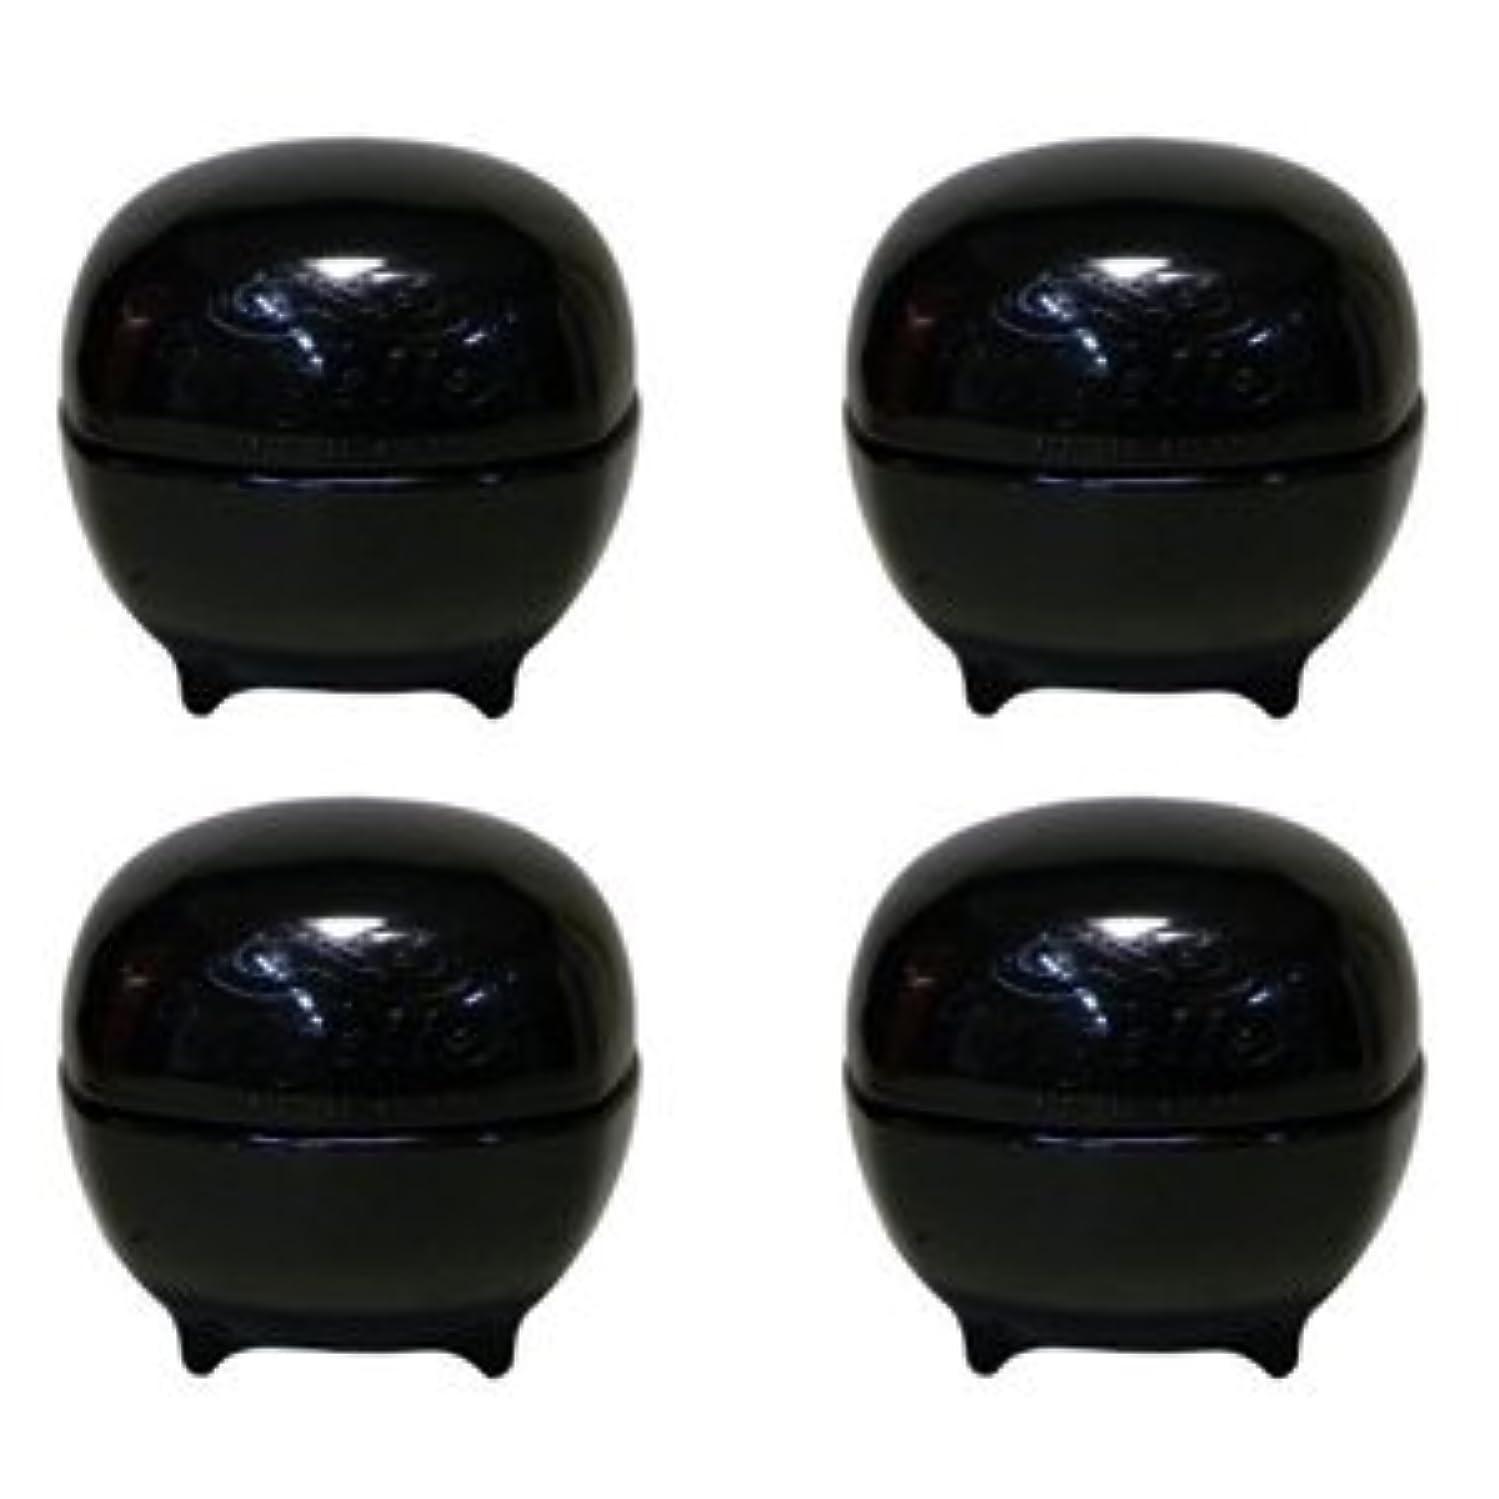 保持するマトロンかろうじて【X4個セット】 ミルボン ニゼル グラスプワックス 80g (ニゼルドレシアコレクション) GRASP WAX MILBON